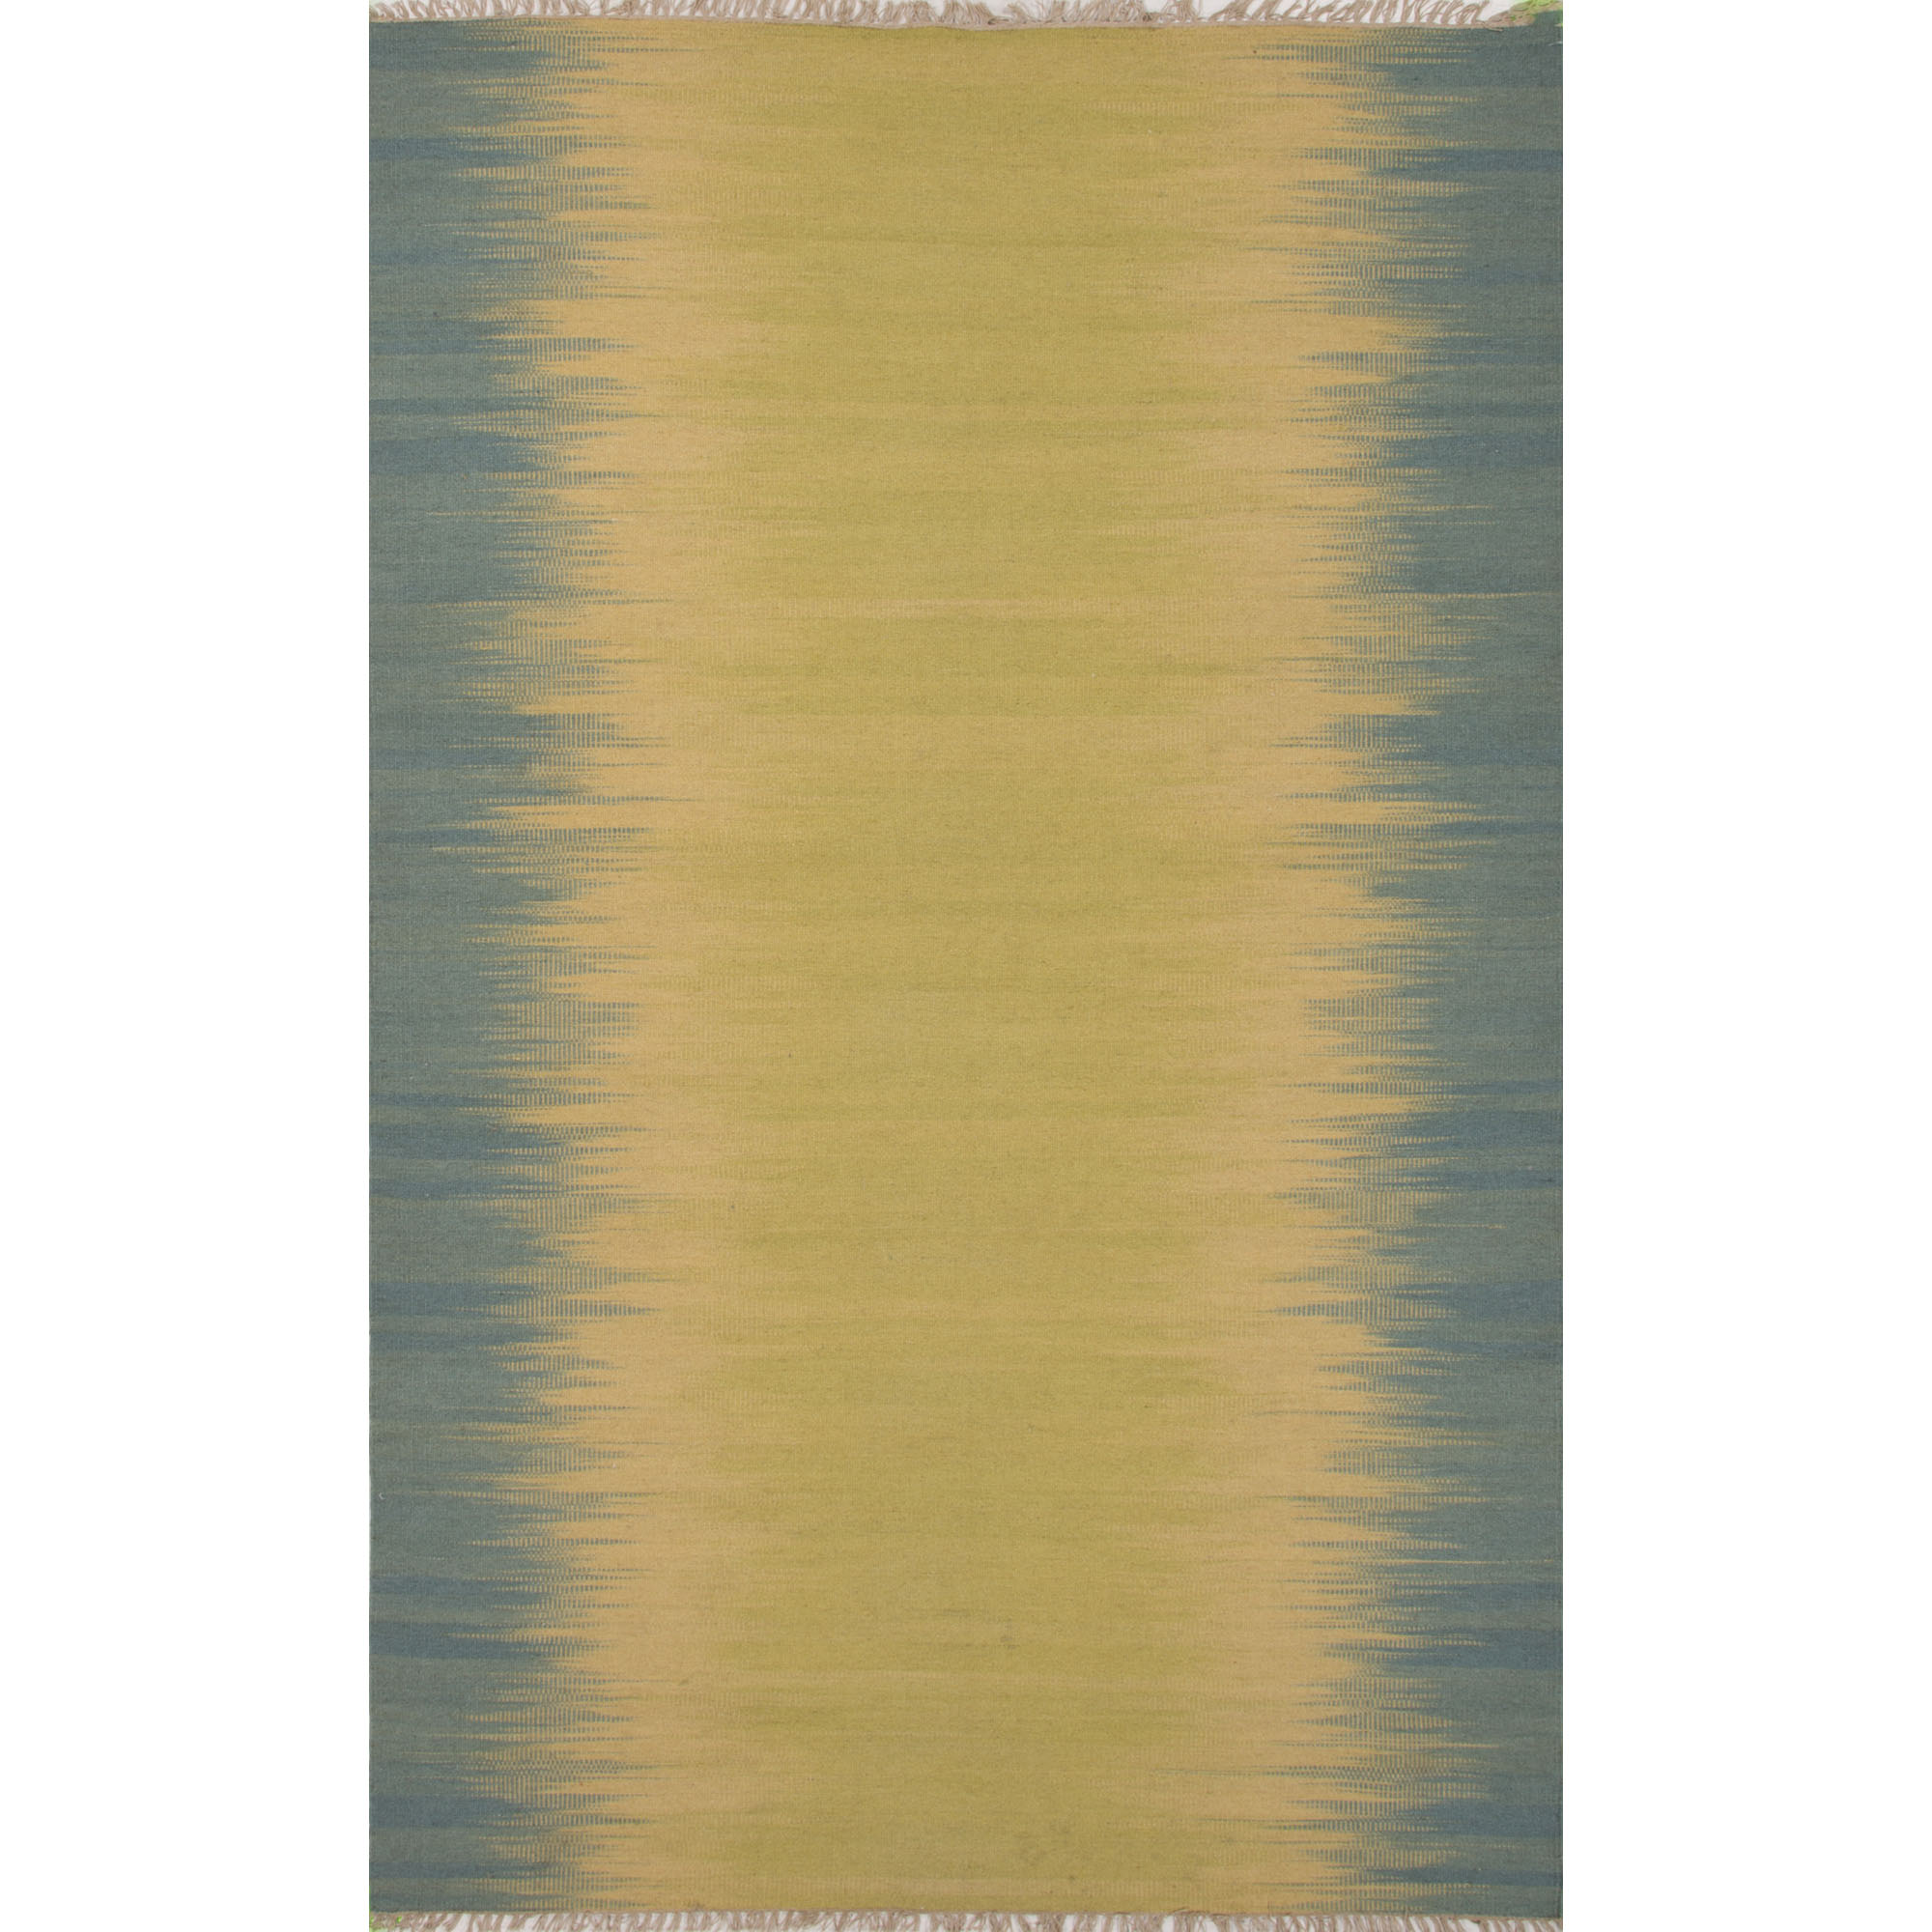 JAIPUR Rugs Spectra 5 x 8 Rug - Item Number: RUG120249